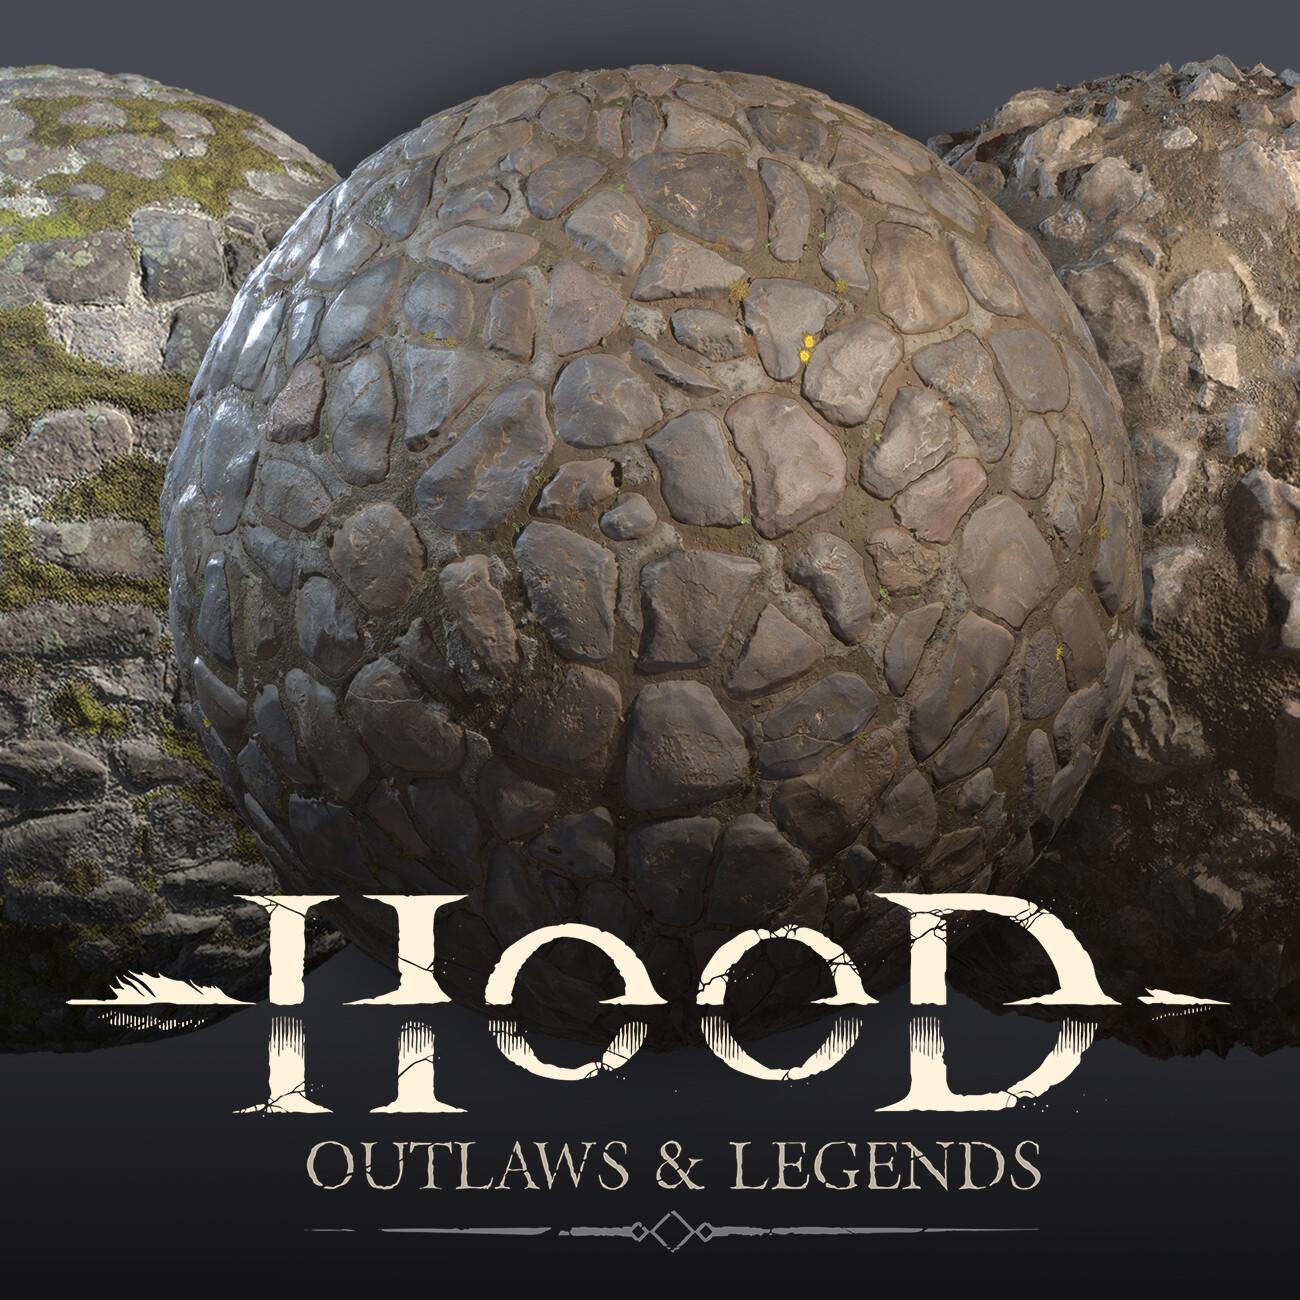 Hood: Outlaws & Legends - Materials